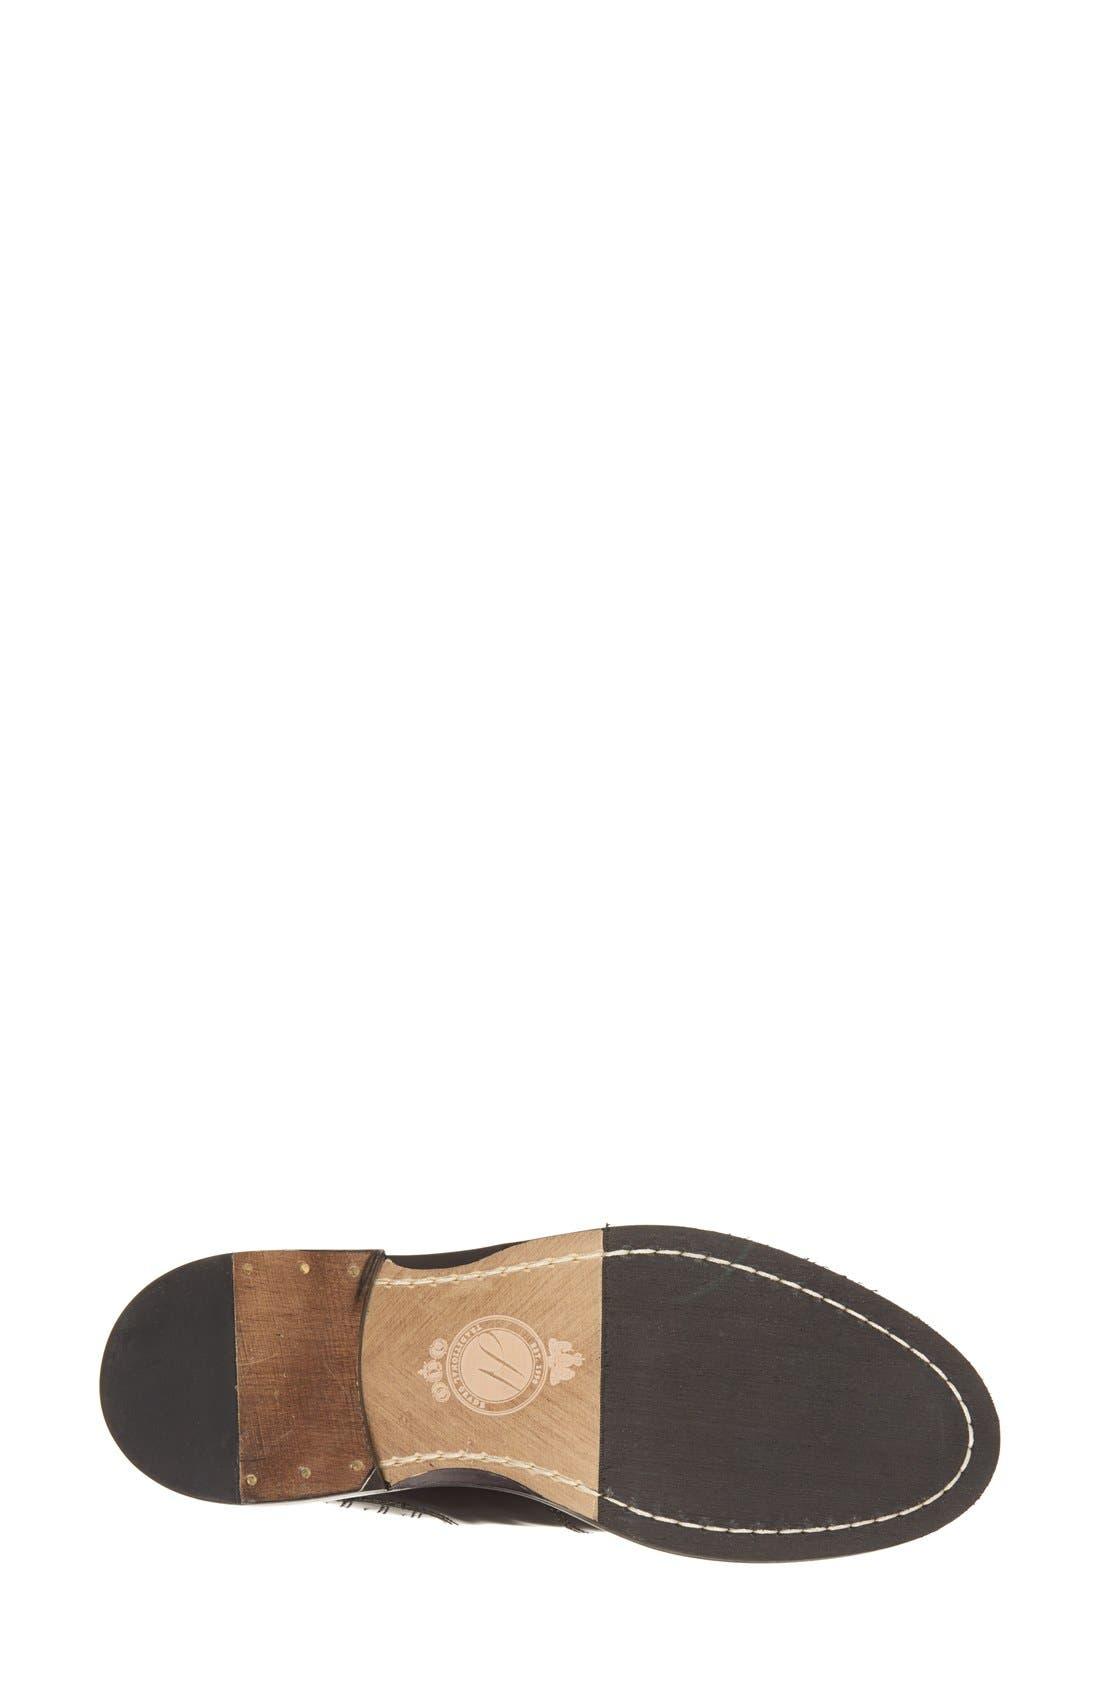 Alternate Image 4  - H by Hudson 'Tafler' Leather Chelsea Boot (Women)